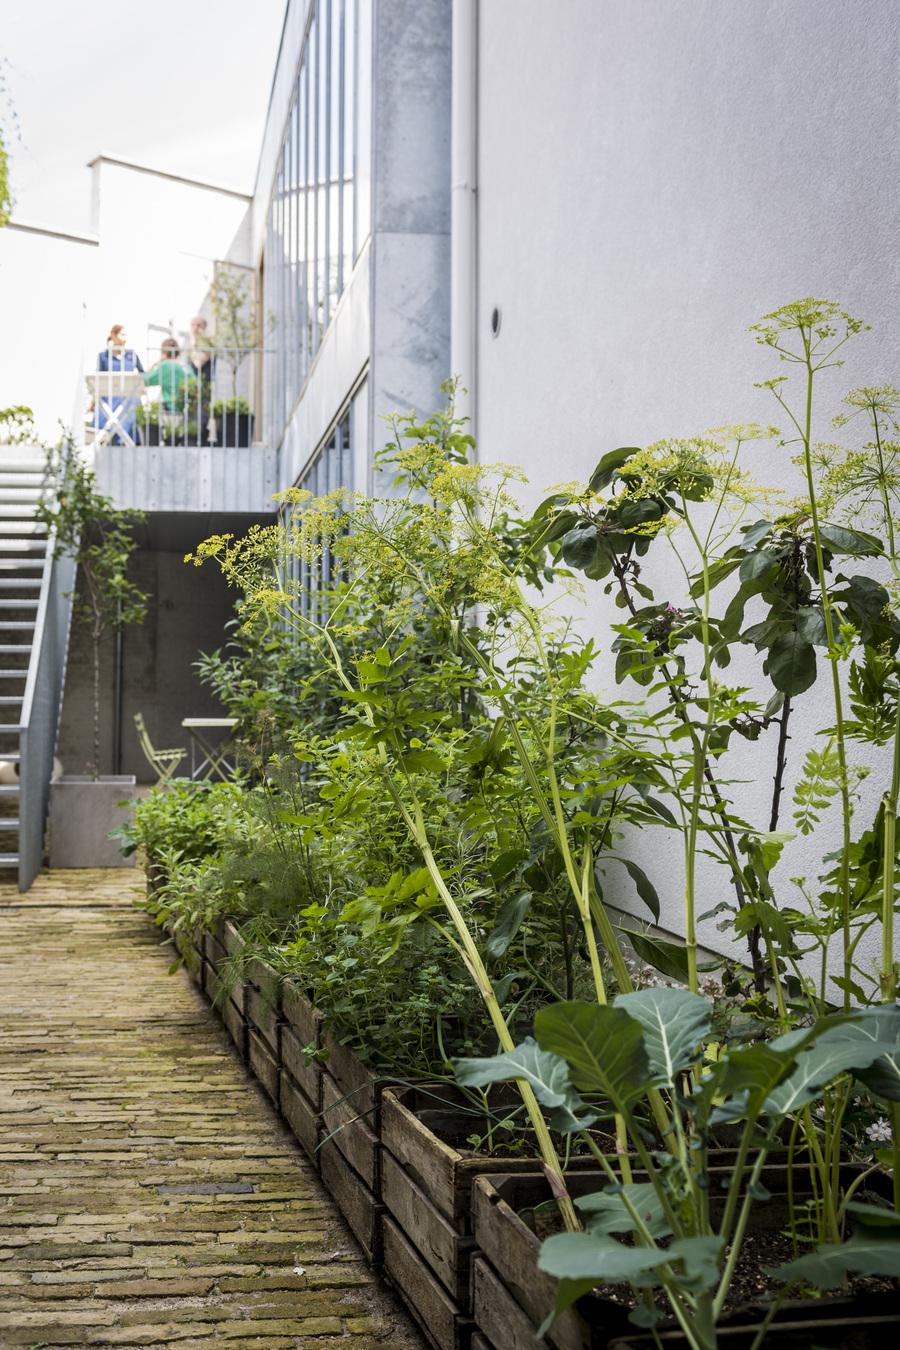 planten in bakken op de patio